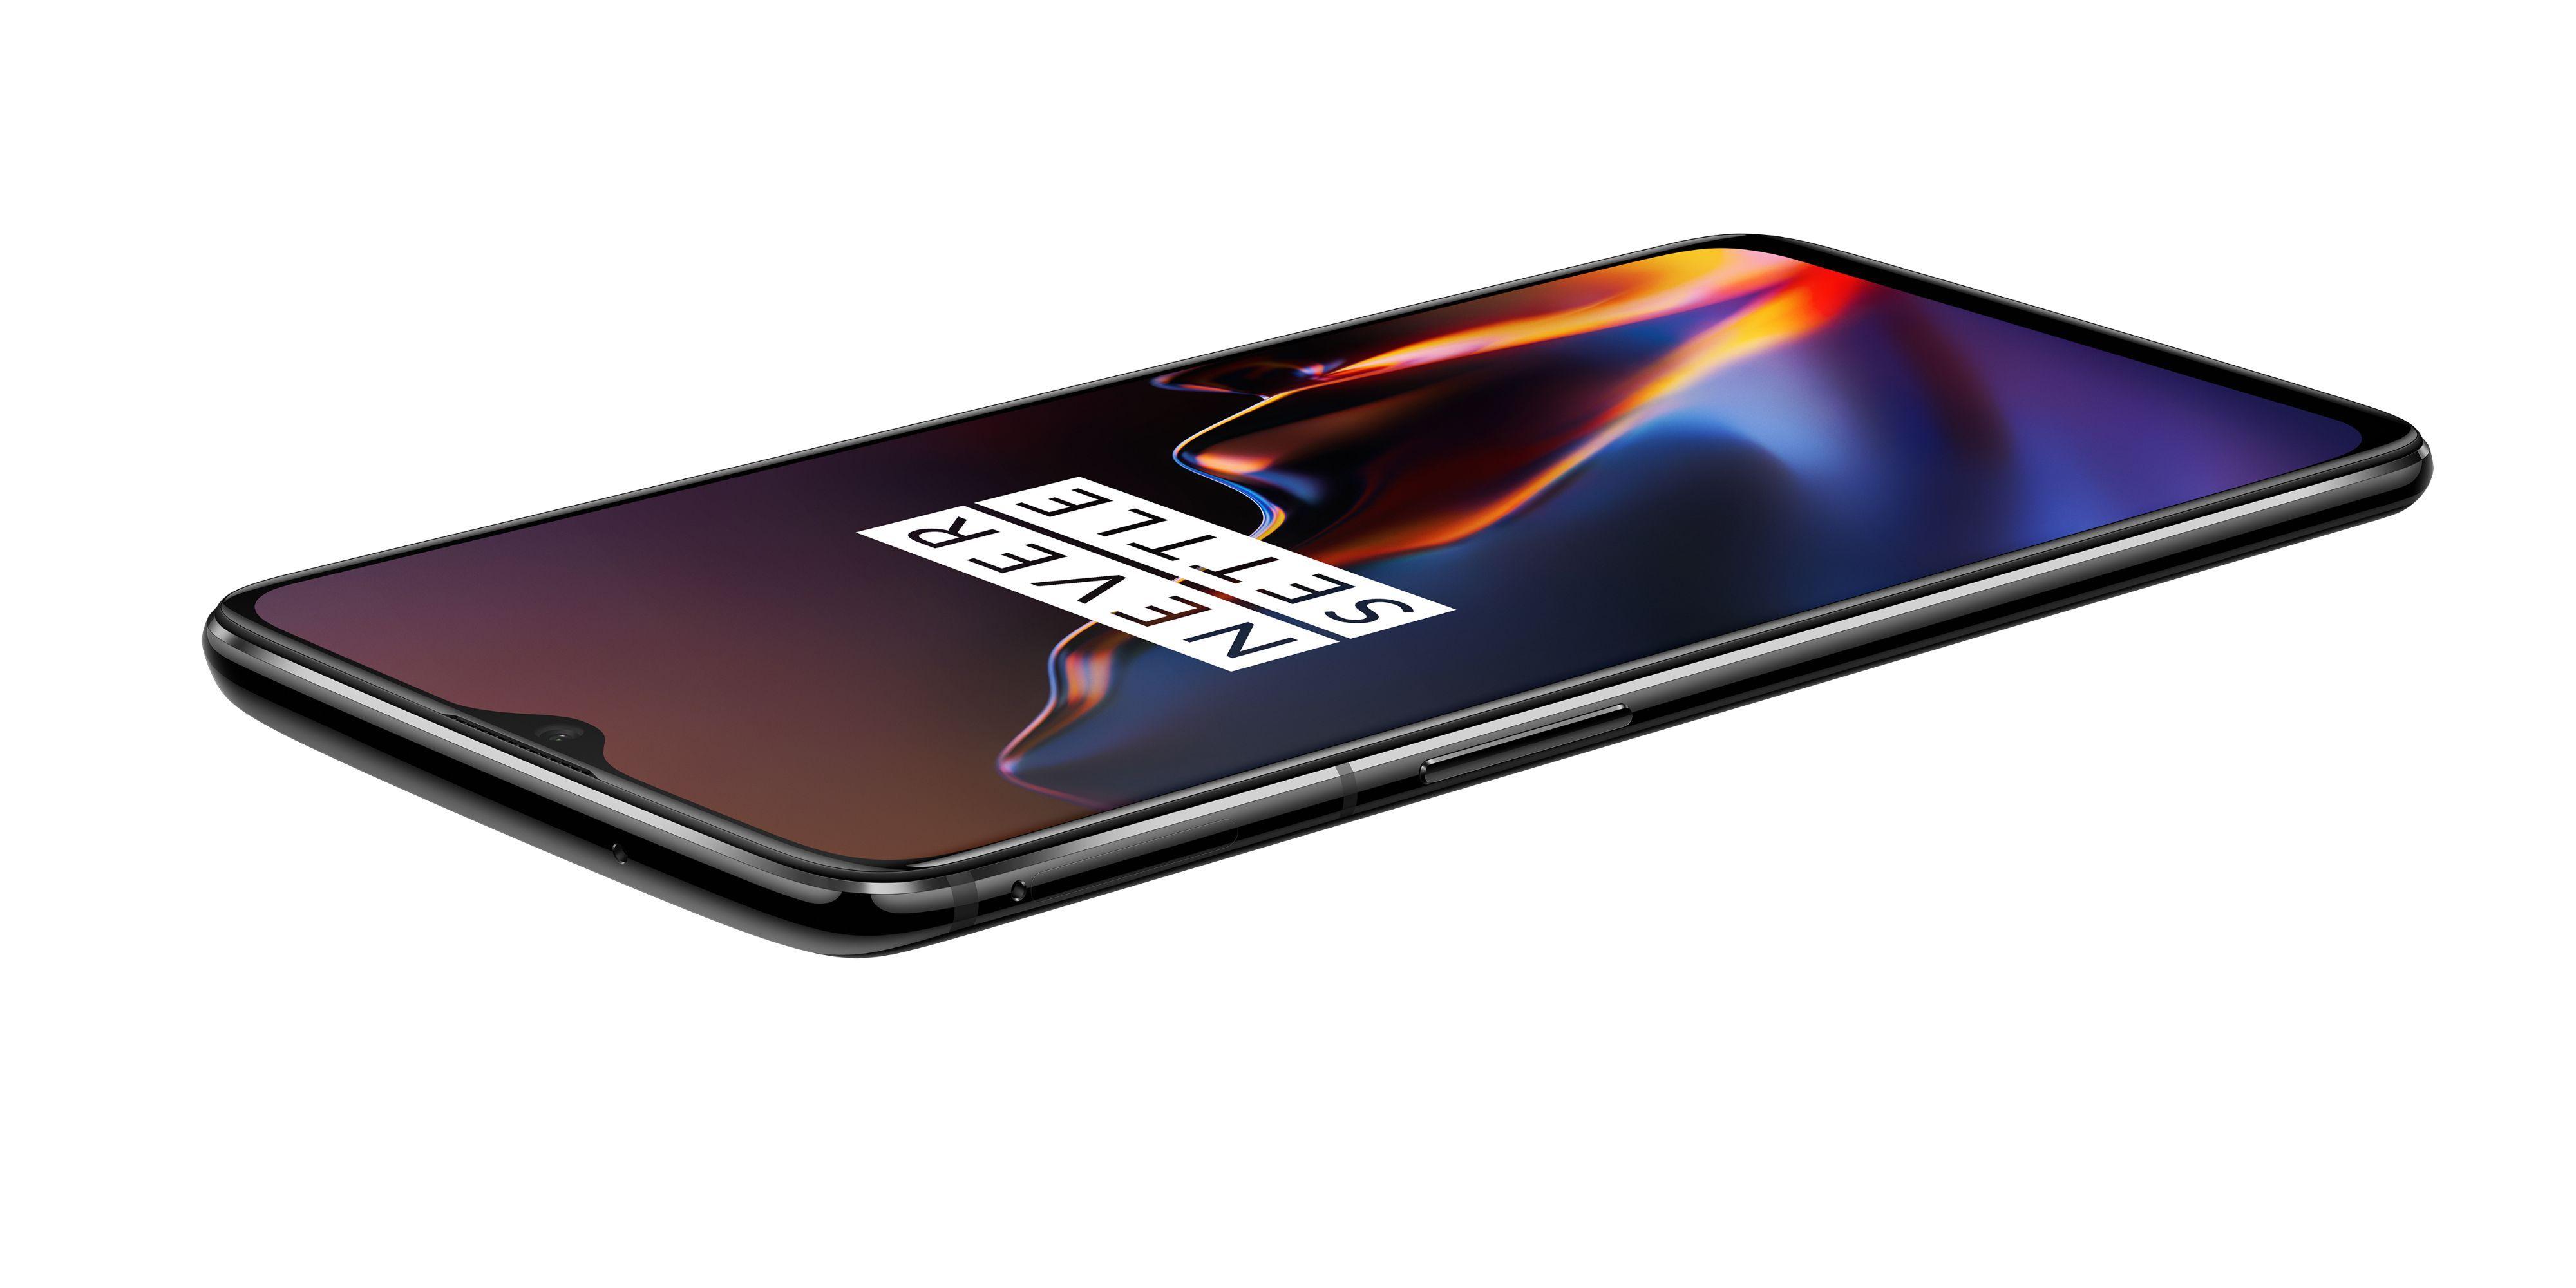 The Best Phones of 2018